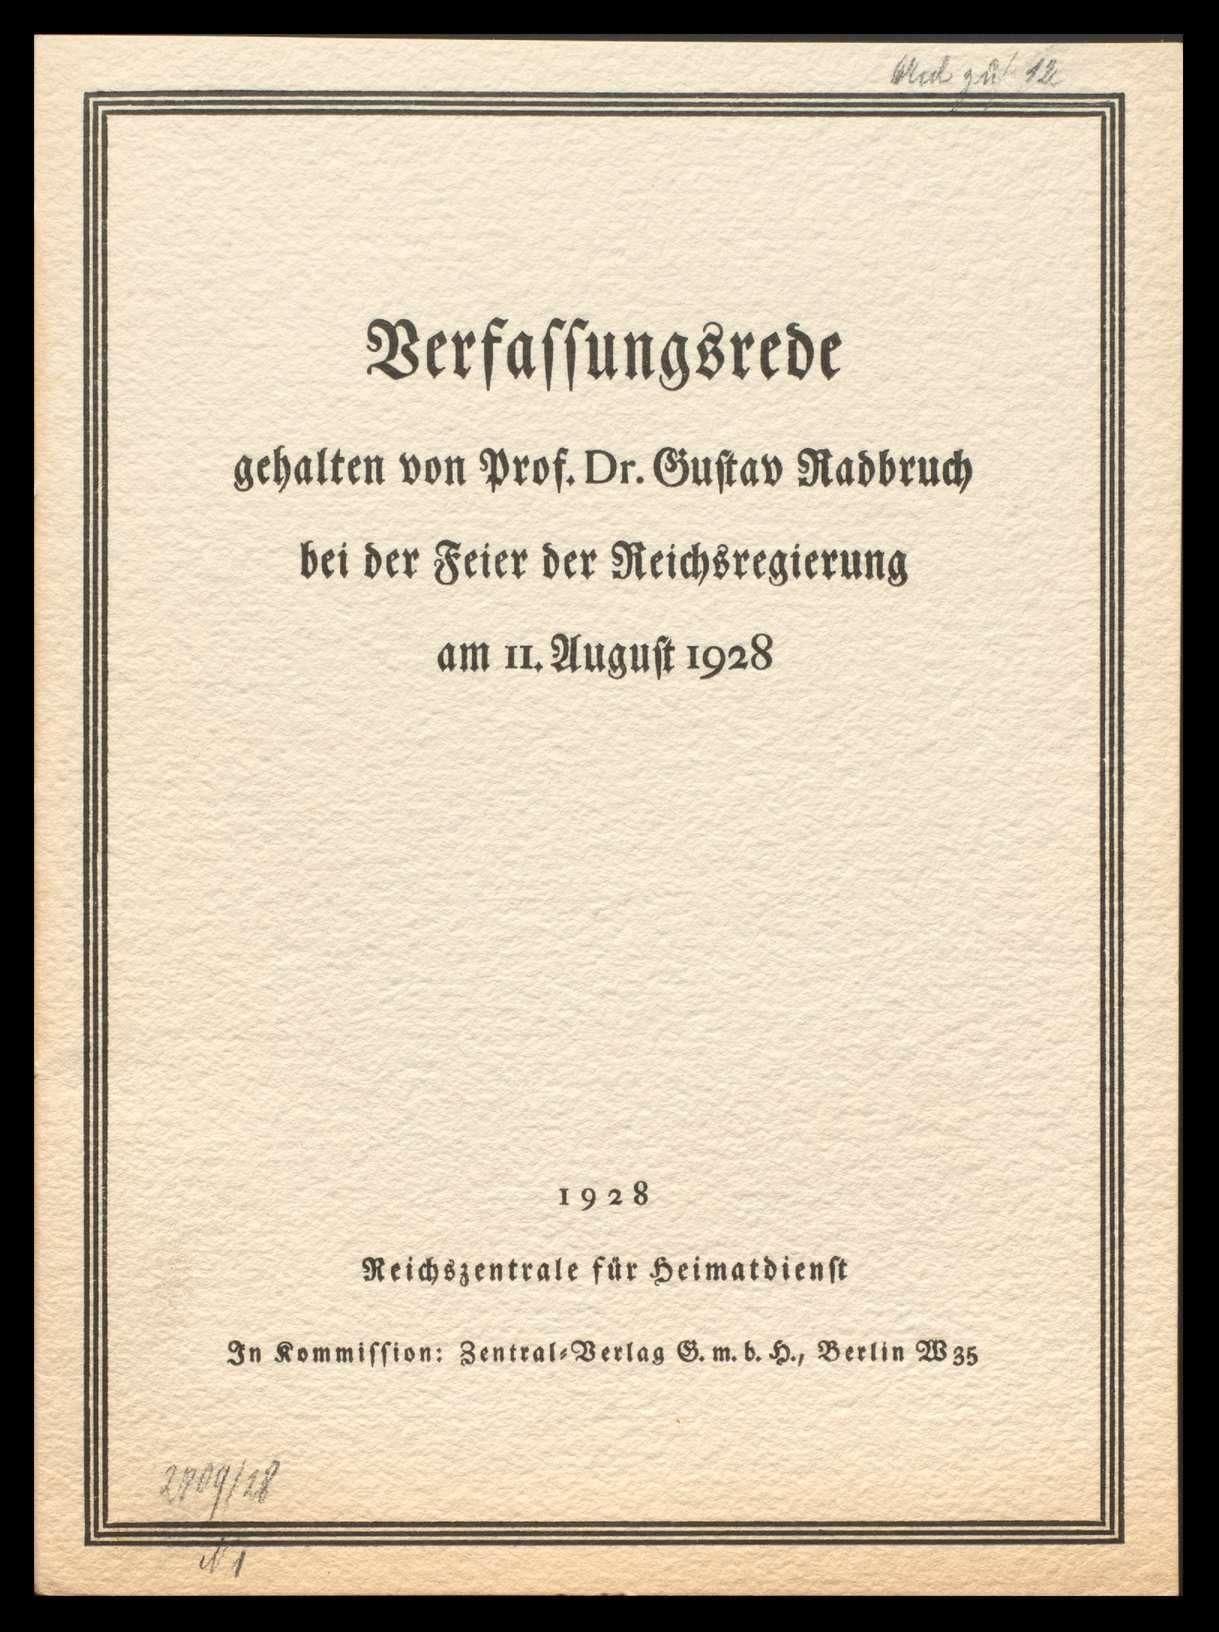 Abhaltung von Feiern zum Verfassungstag 1924-1928, Bild 2